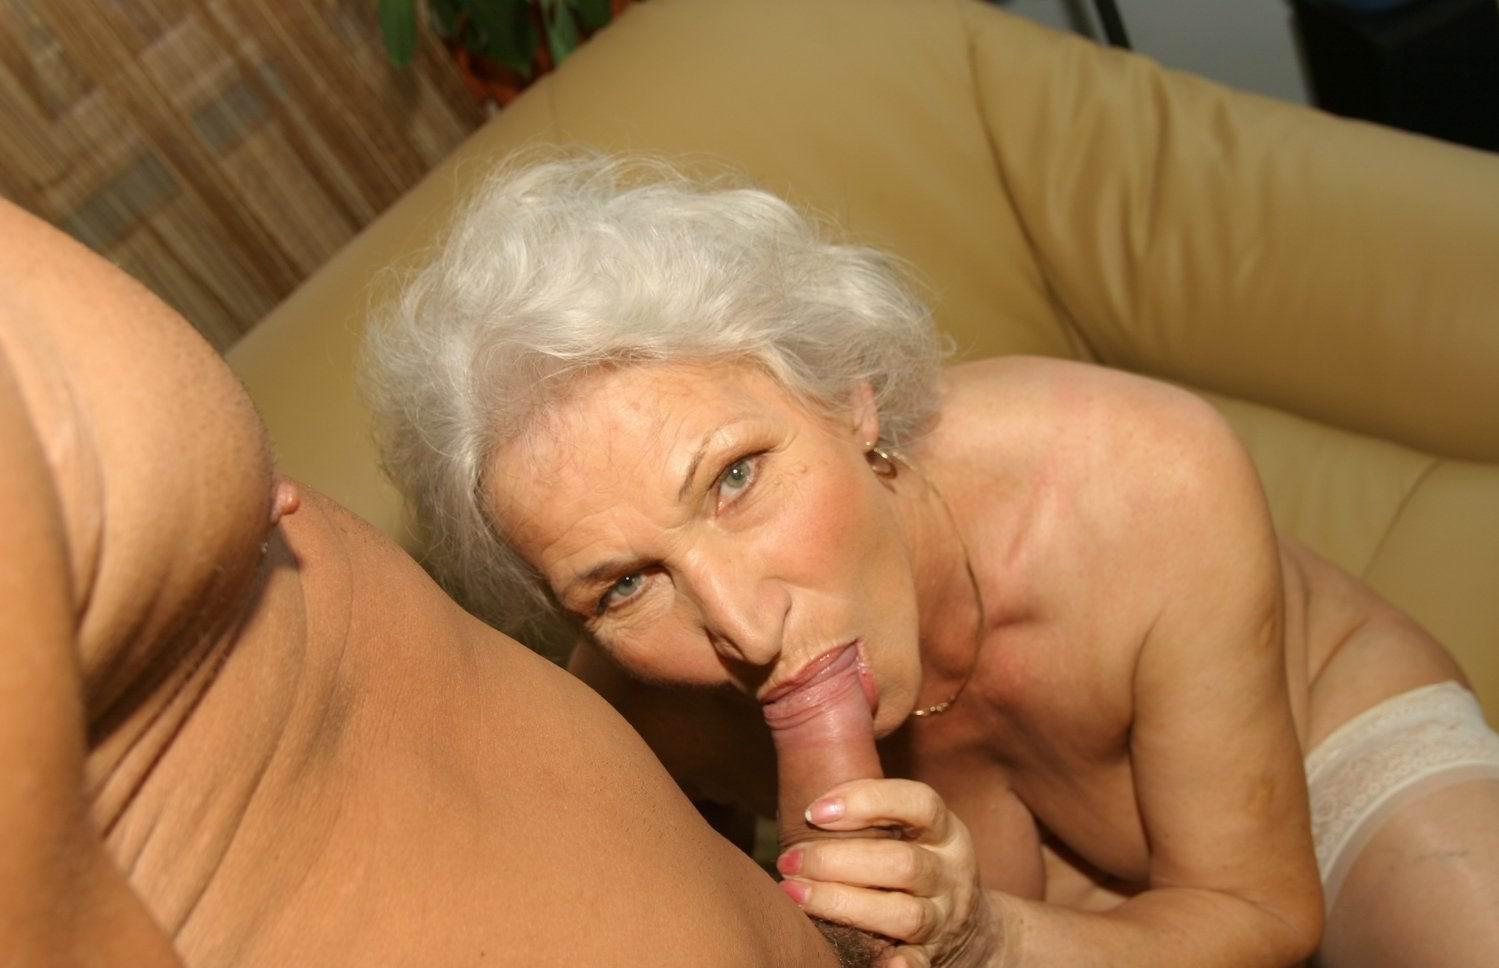 российские бабушки минстурбация порно